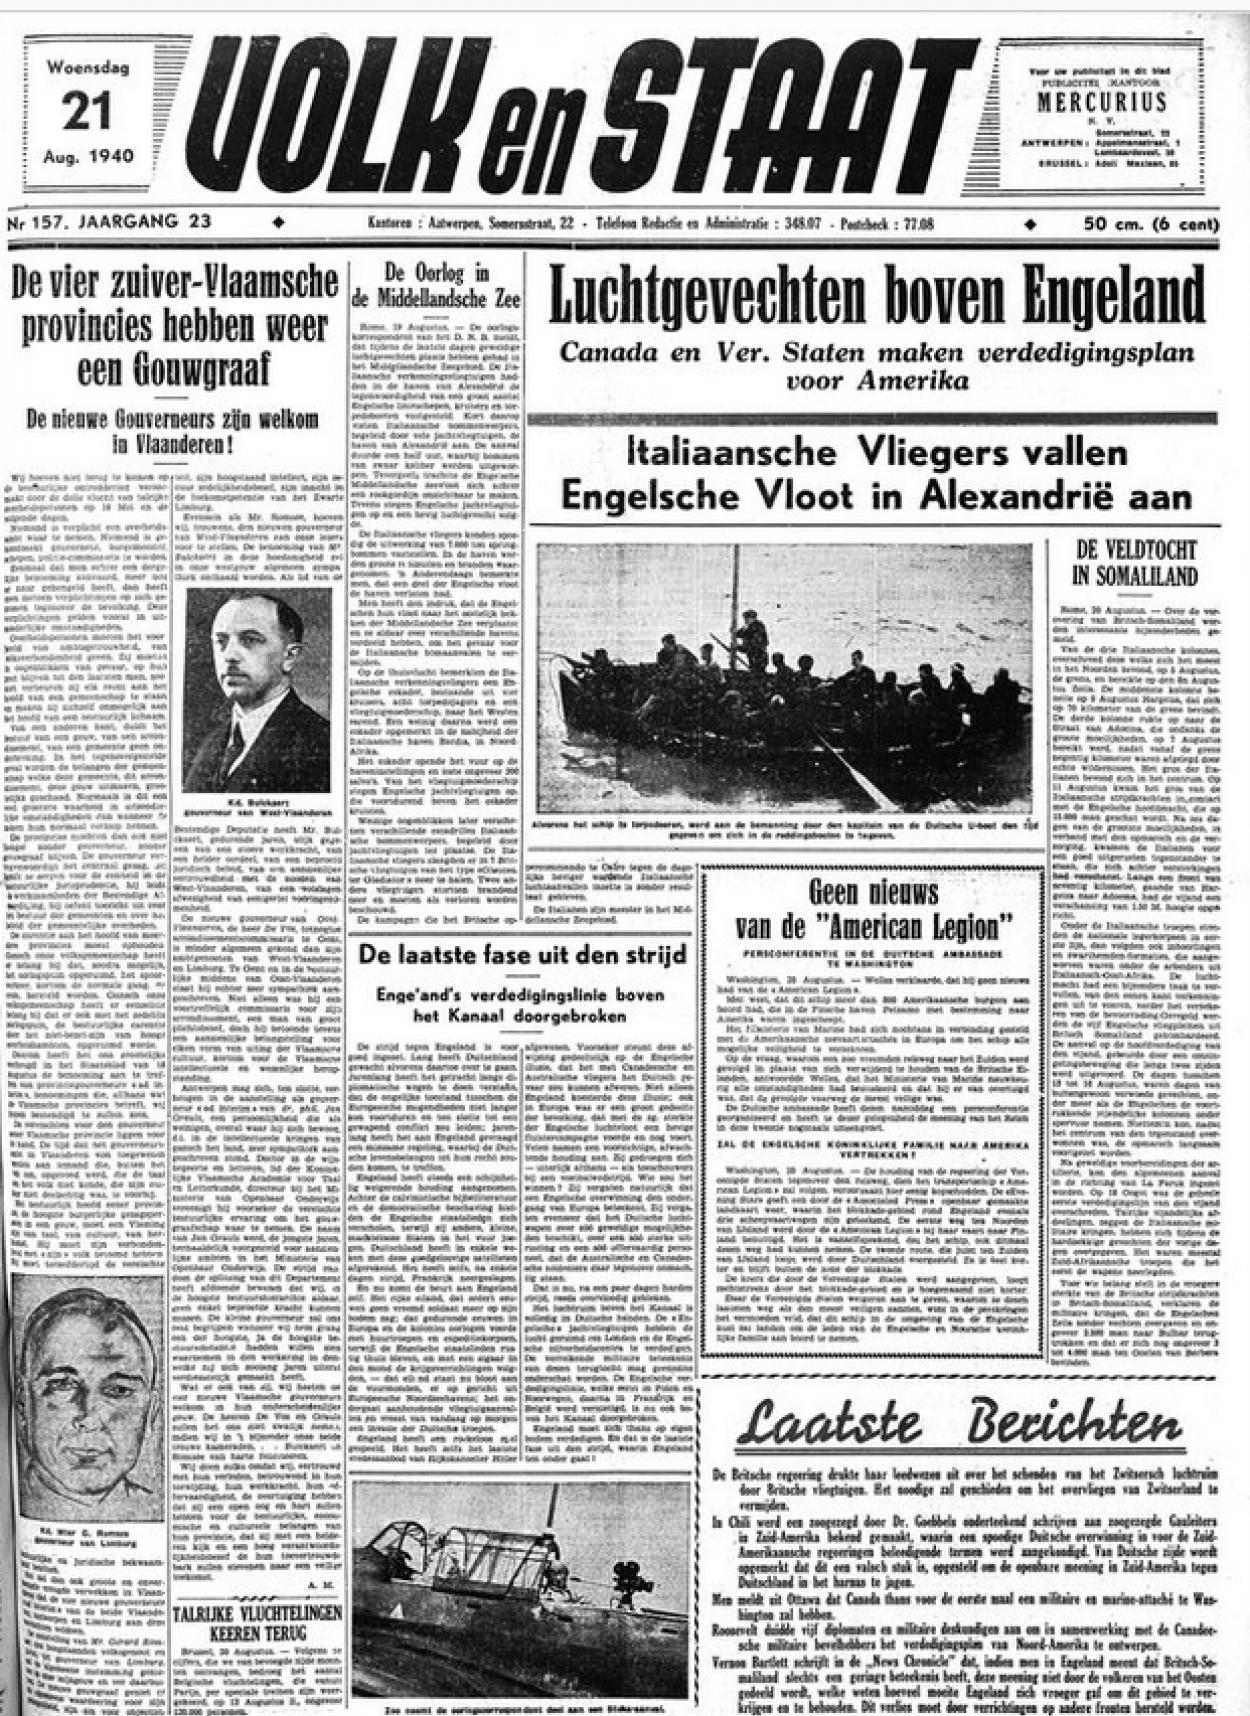 volk-en-staat-21-8-1940-p-1.png